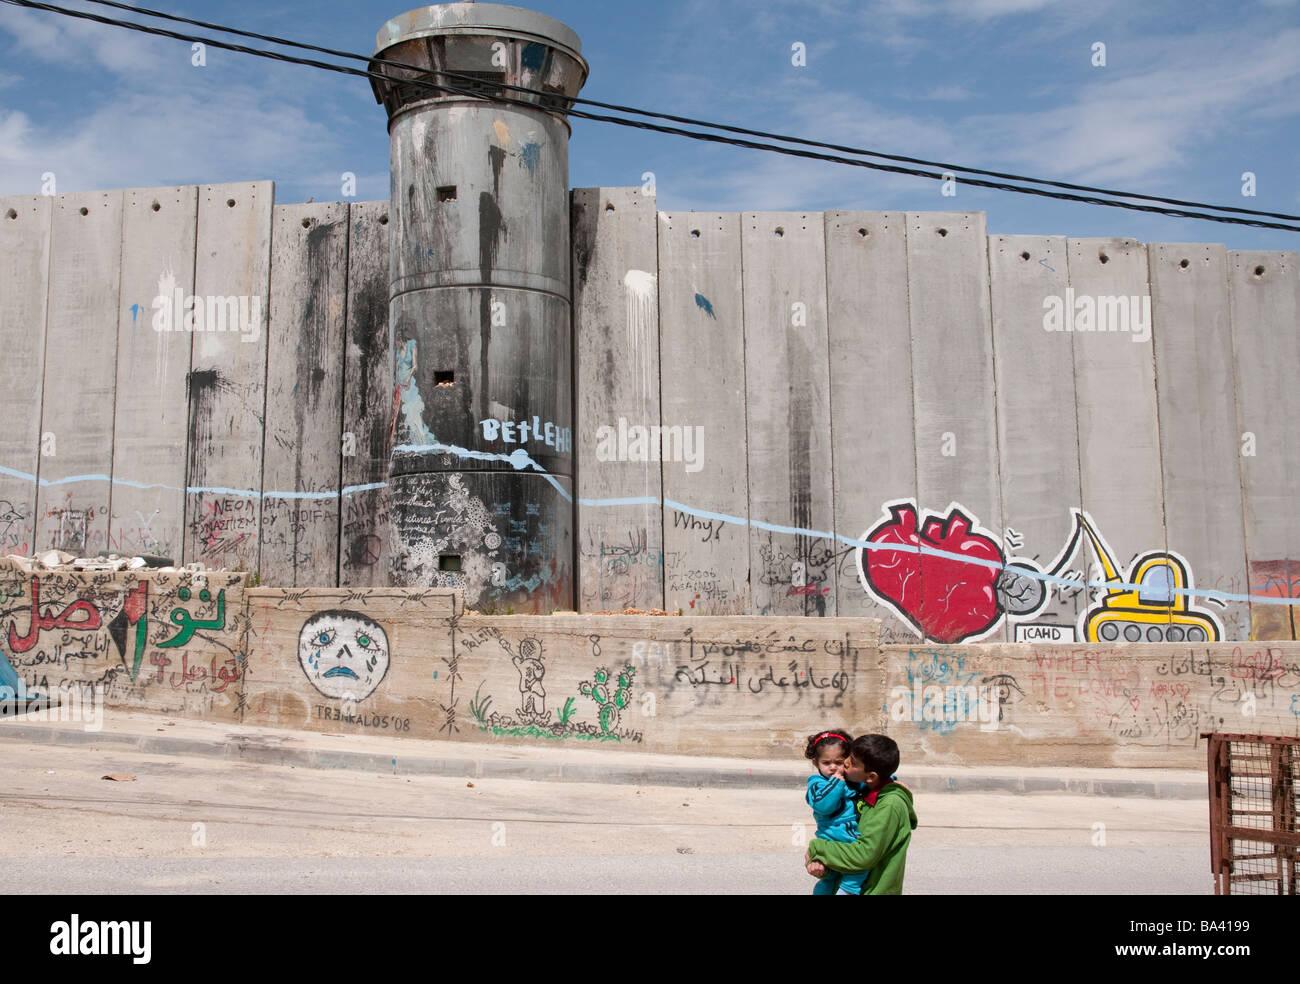 Palestinian Authority Bethlehem Aida refugee camp Israeli wall and watchtower - Stock Image